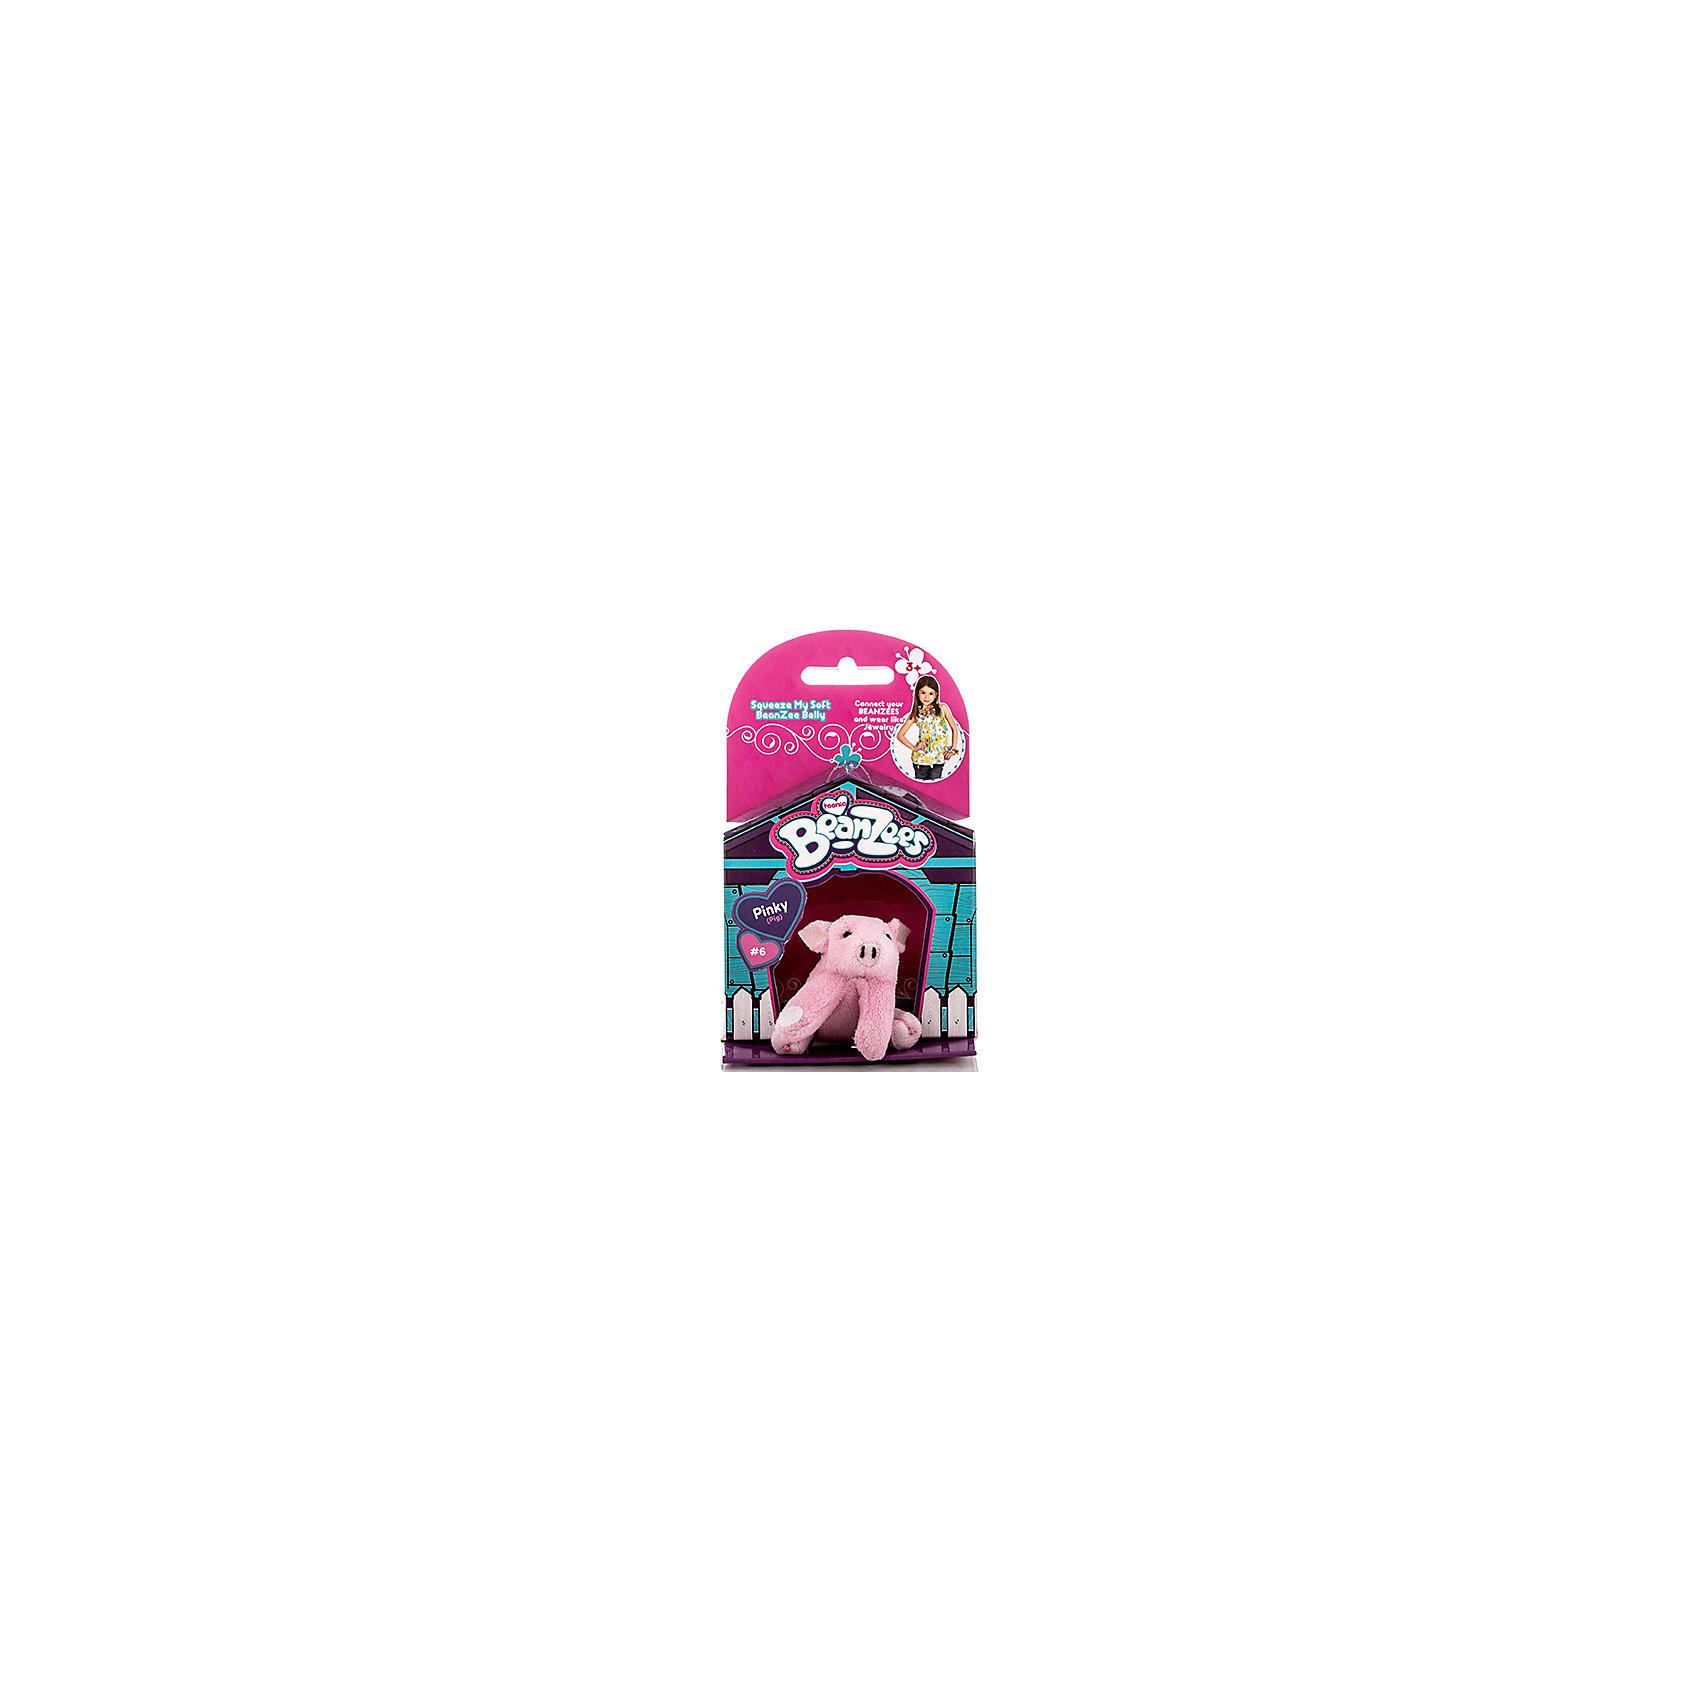 Мини-плюш Розовый поросенок, BeanzeezХарактеристики товара:<br><br>• цвет: розовый<br>• особенности: наличие на лапках липучек, игрушку можно соединять с другими героями из серии<br>• материал: пластик, текстиль<br>• размер упаковки: 9х5,5х14,5 см.<br>• высота игрушки: 5 см<br>• возраст: от 3 лет<br>• страна бренда: США<br>• страна производства: Китай<br><br>Такая симпатичная игрушка не оставит ребенка равнодушным! Какой малыш откажется поиграть с маленькими плюшевыми игрушками из большой пушистой коллекции?! Игрушки очень качественно выполнены, поэтому такая фигурка станет отличным подарком ребенку. Благодаря липучкам на лапках животных можно соединить между собой. Дети приходят в восторг от этих игрушек!<br>Такие предметы помогают ребенку отрабатывать новые навыки и способности - развивать ловкость, мелкую моторику, воображение, мышление, логику. Изделие производится из качественных сертифицированных материалов, безопасных даже для самых маленьких.<br><br>Мини-плюш Розовая мышка от бренда Beanzeez можно купить в нашем интернет-магазине.<br><br>Ширина мм: 50<br>Глубина мм: 140<br>Высота мм: 85<br>Вес г: 73<br>Возраст от месяцев: 36<br>Возраст до месяцев: 2147483647<br>Пол: Женский<br>Возраст: Детский<br>SKU: 5218663